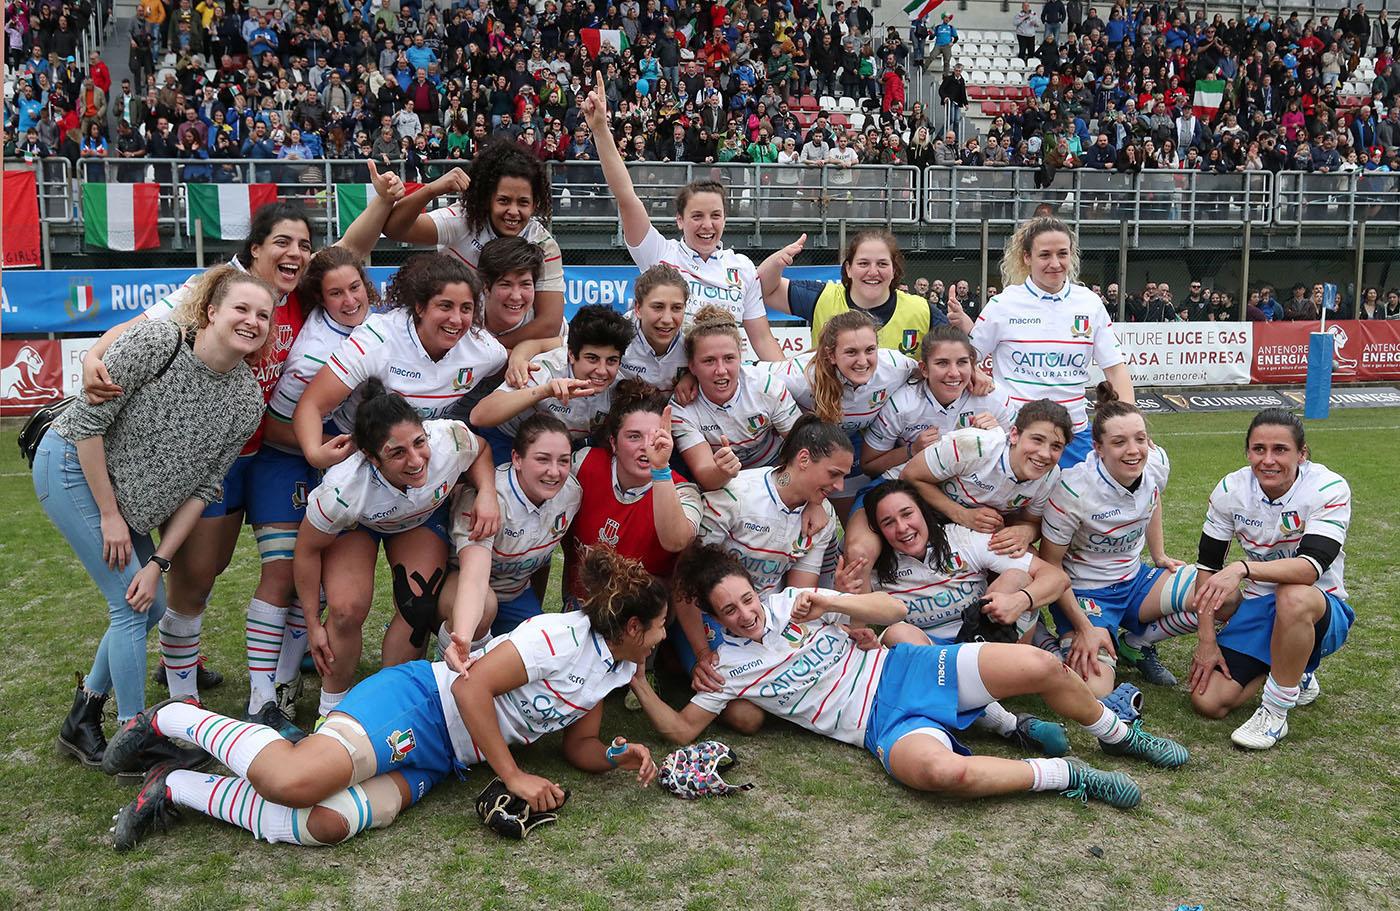 """Rugby, Furlan: """"Il gruppo la nostra vera forza"""""""